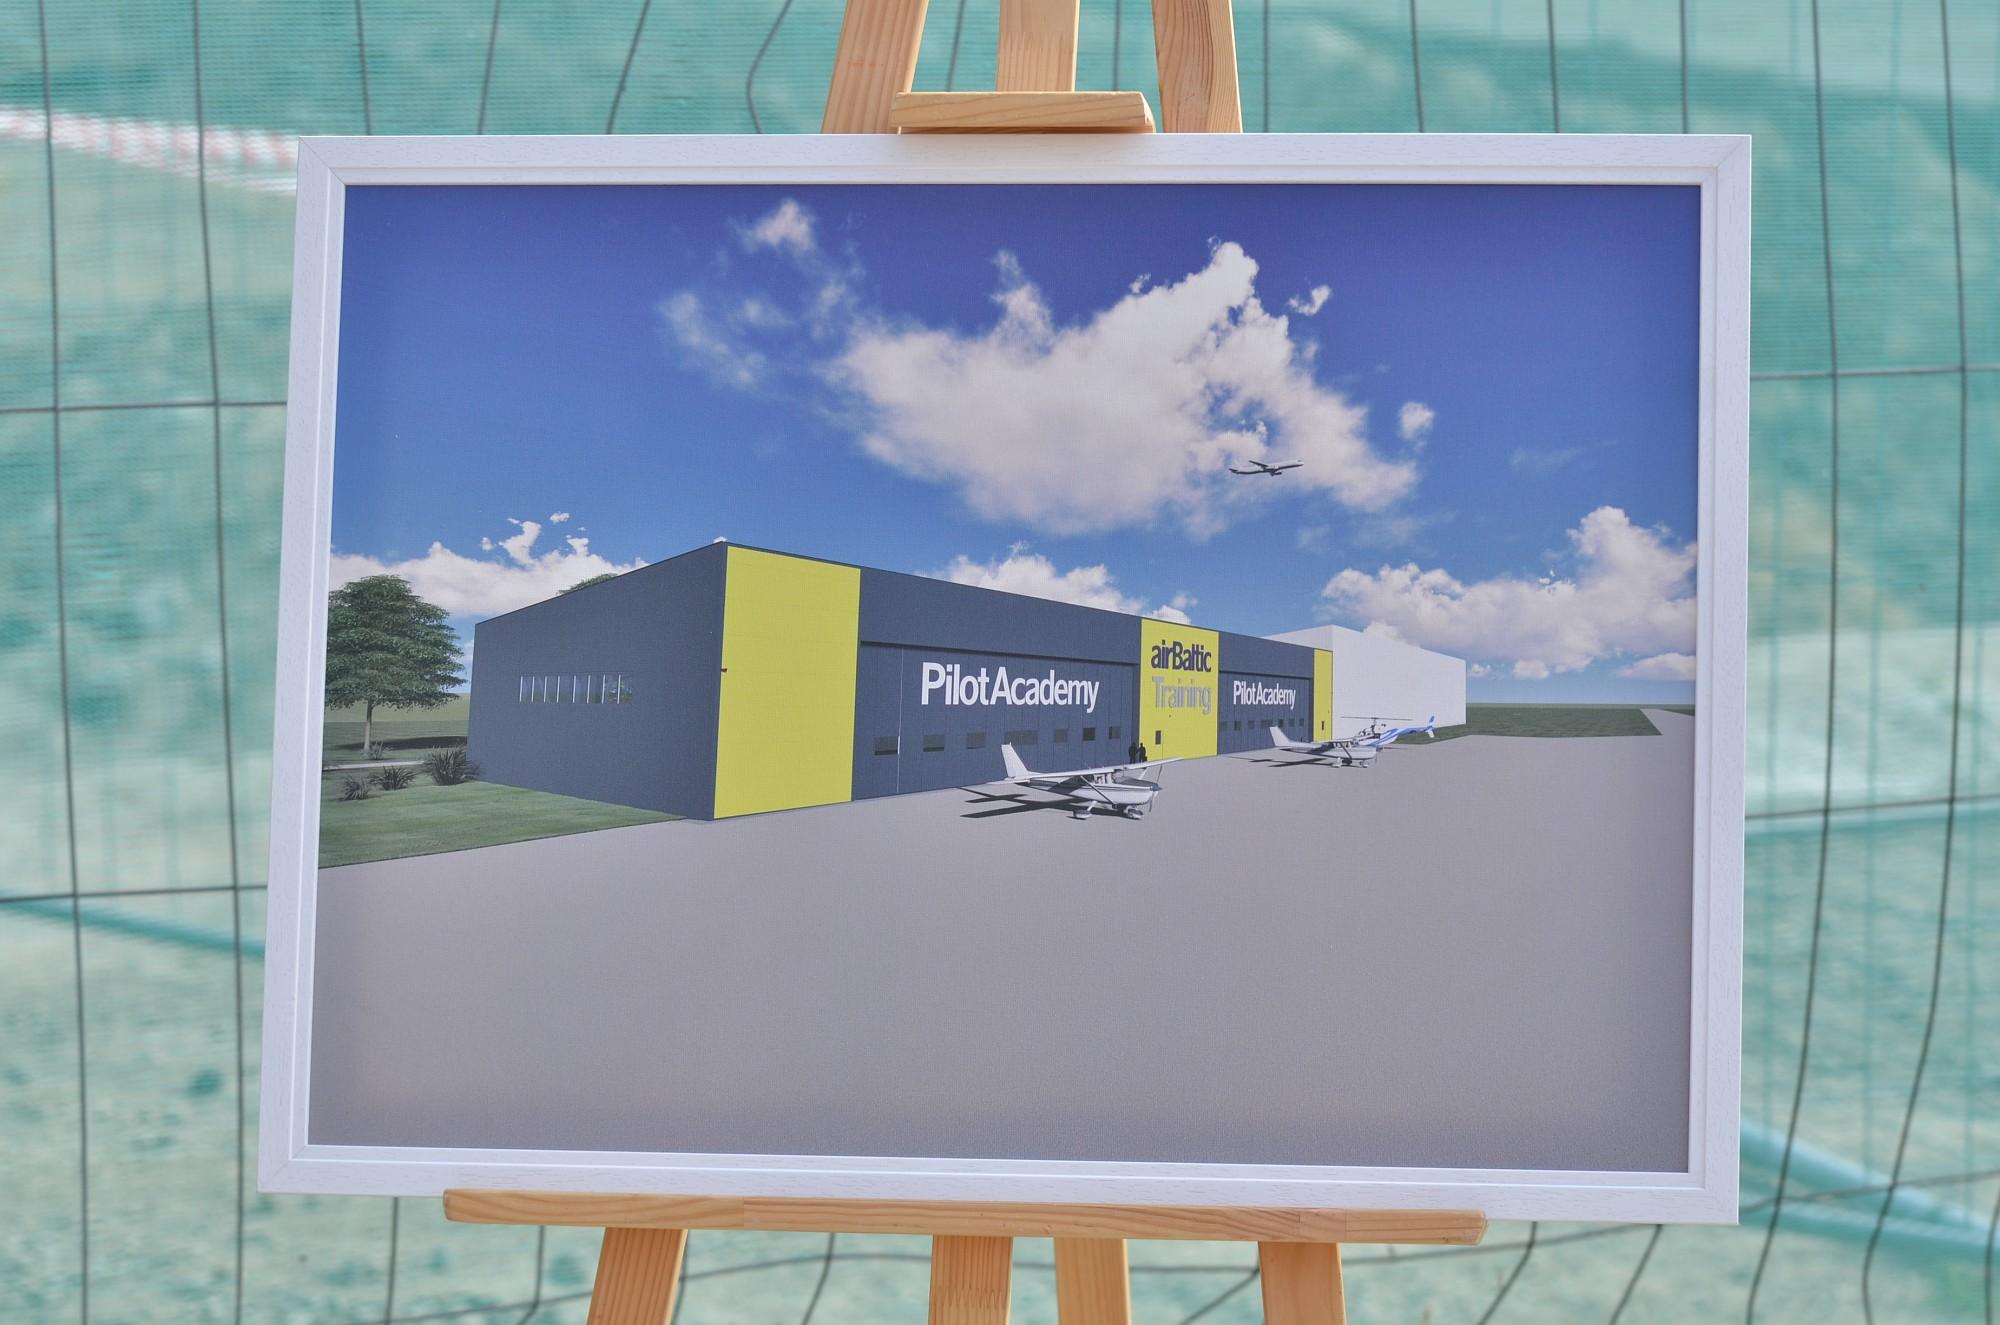 В Лиепайском аэропорту на следующей неделе будет открыт самолетный ангар академии пилотов «airBaltic»